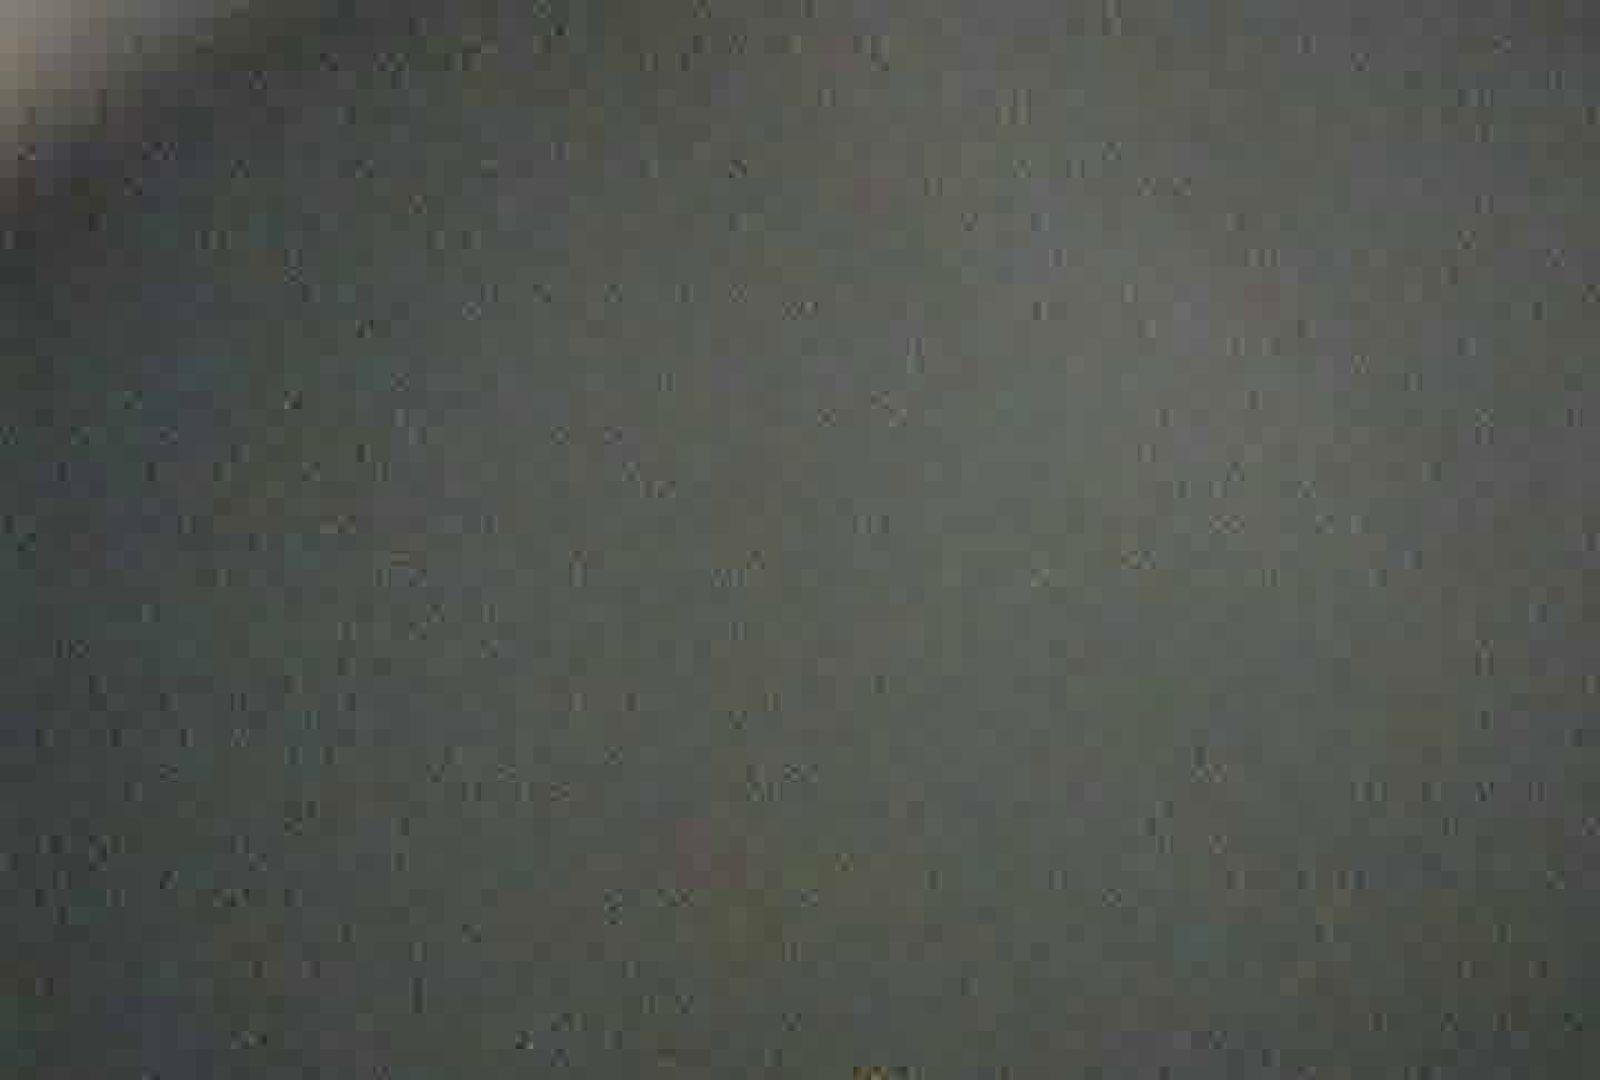 充血監督の深夜の運動会Vol.76 おまんこ無修正 オマンコ動画キャプチャ 84画像 19